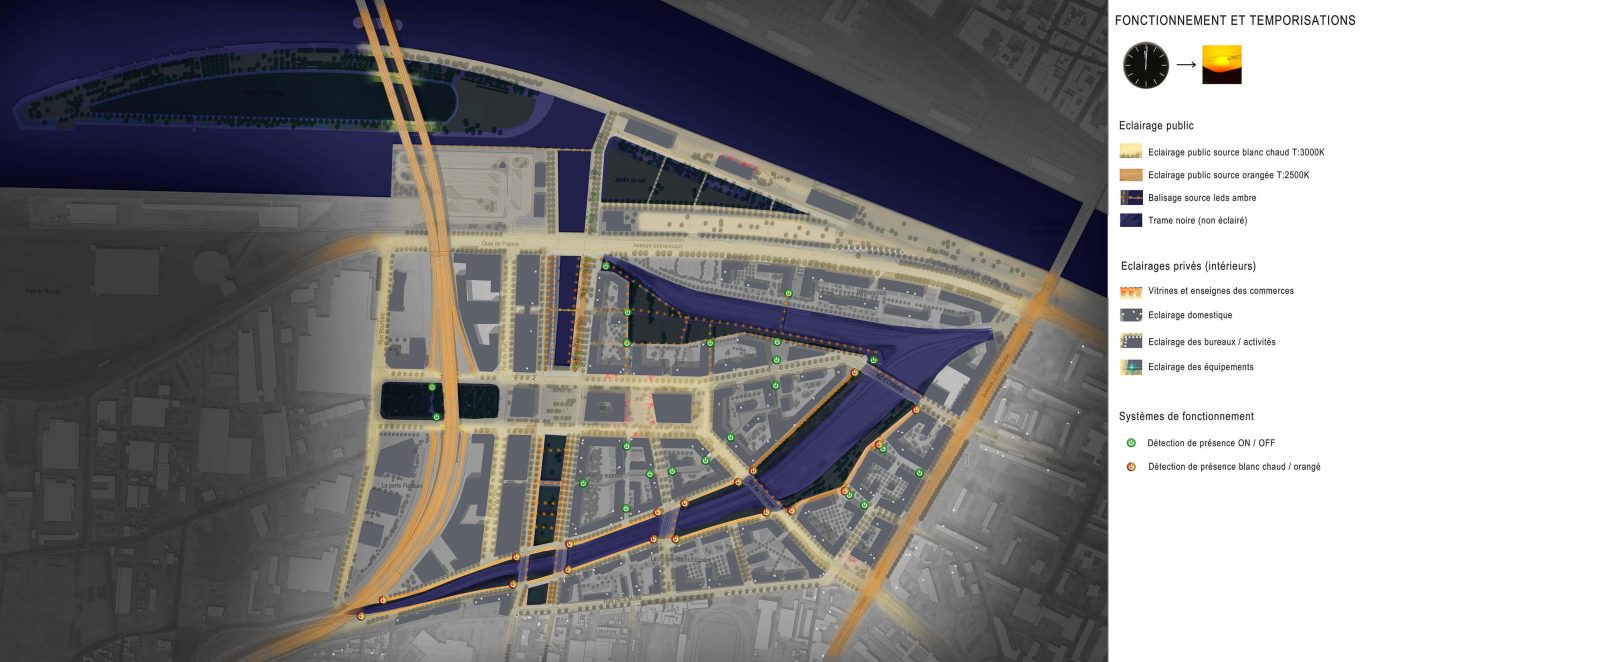 Plan lumière de nuit, écoquartier Flaubert à Rouen